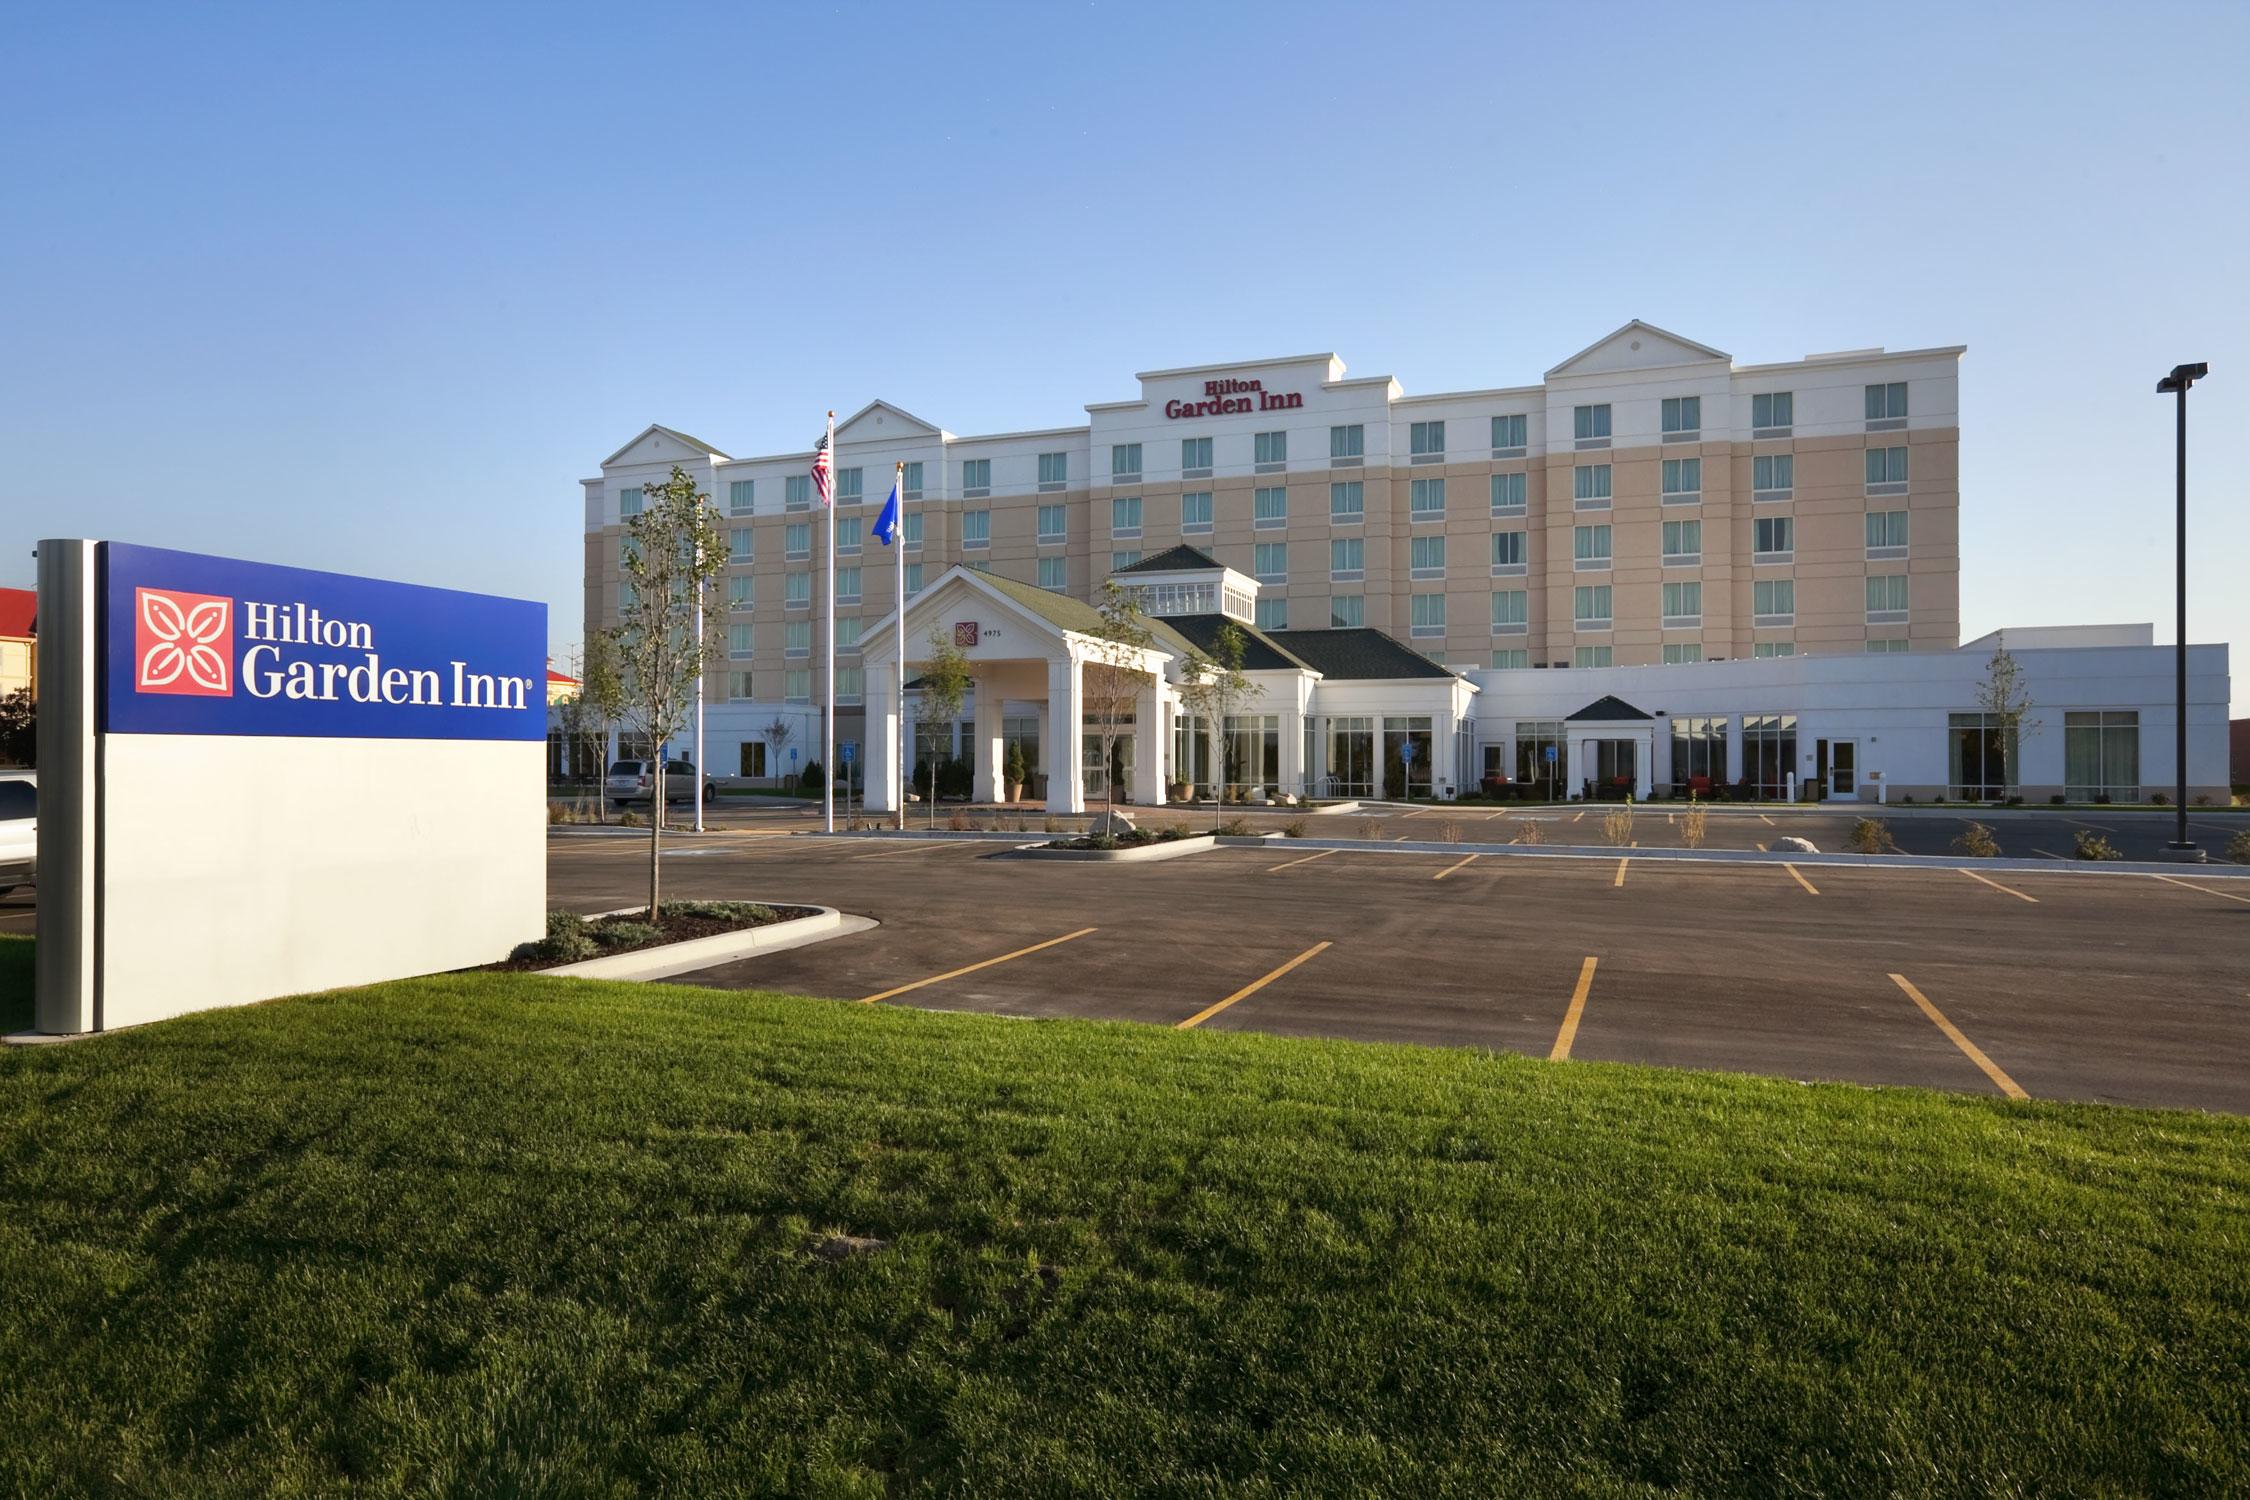 Hilton Garden Inn Salt Lake City Airport In Salt Lake City Ut 84116